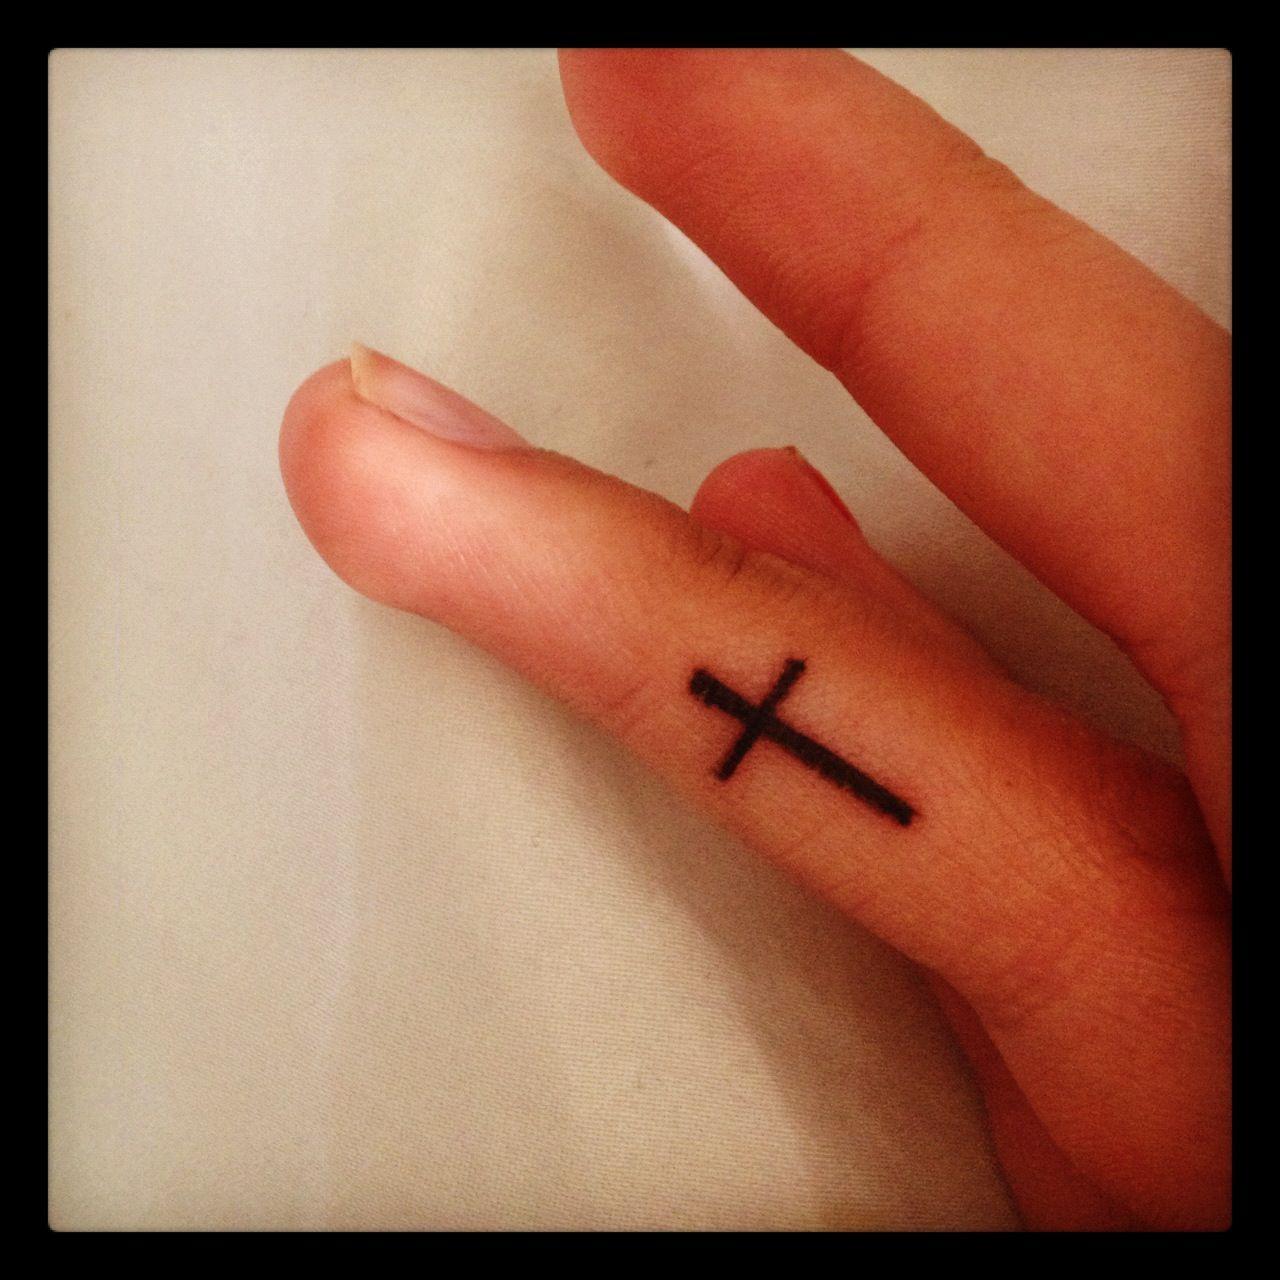 Тату крест на руке. Его значение 65